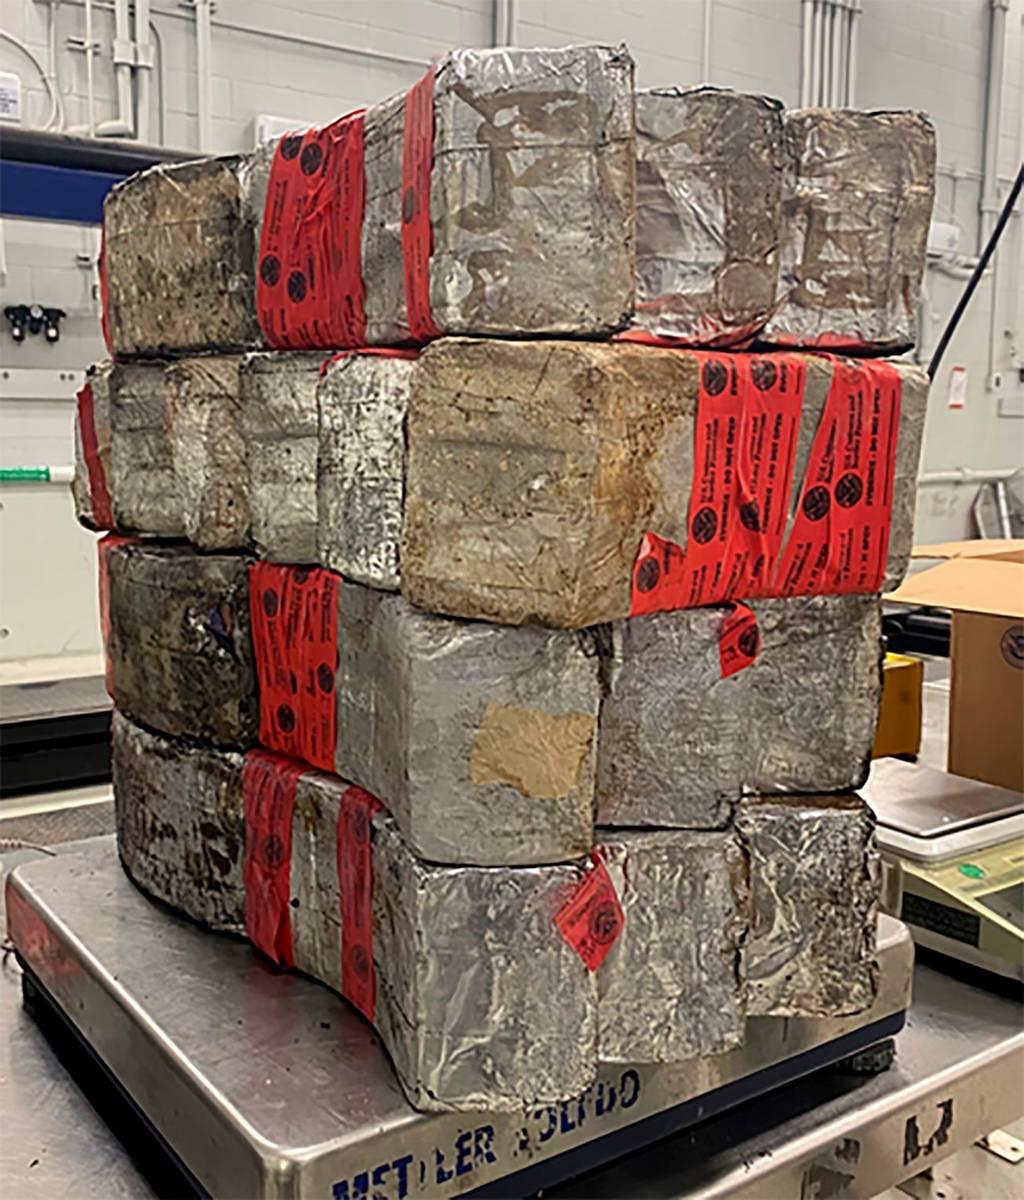 Esta foto muestra fardos de droga incautados que contienen 132 libras de metanfetamina en exhib ...